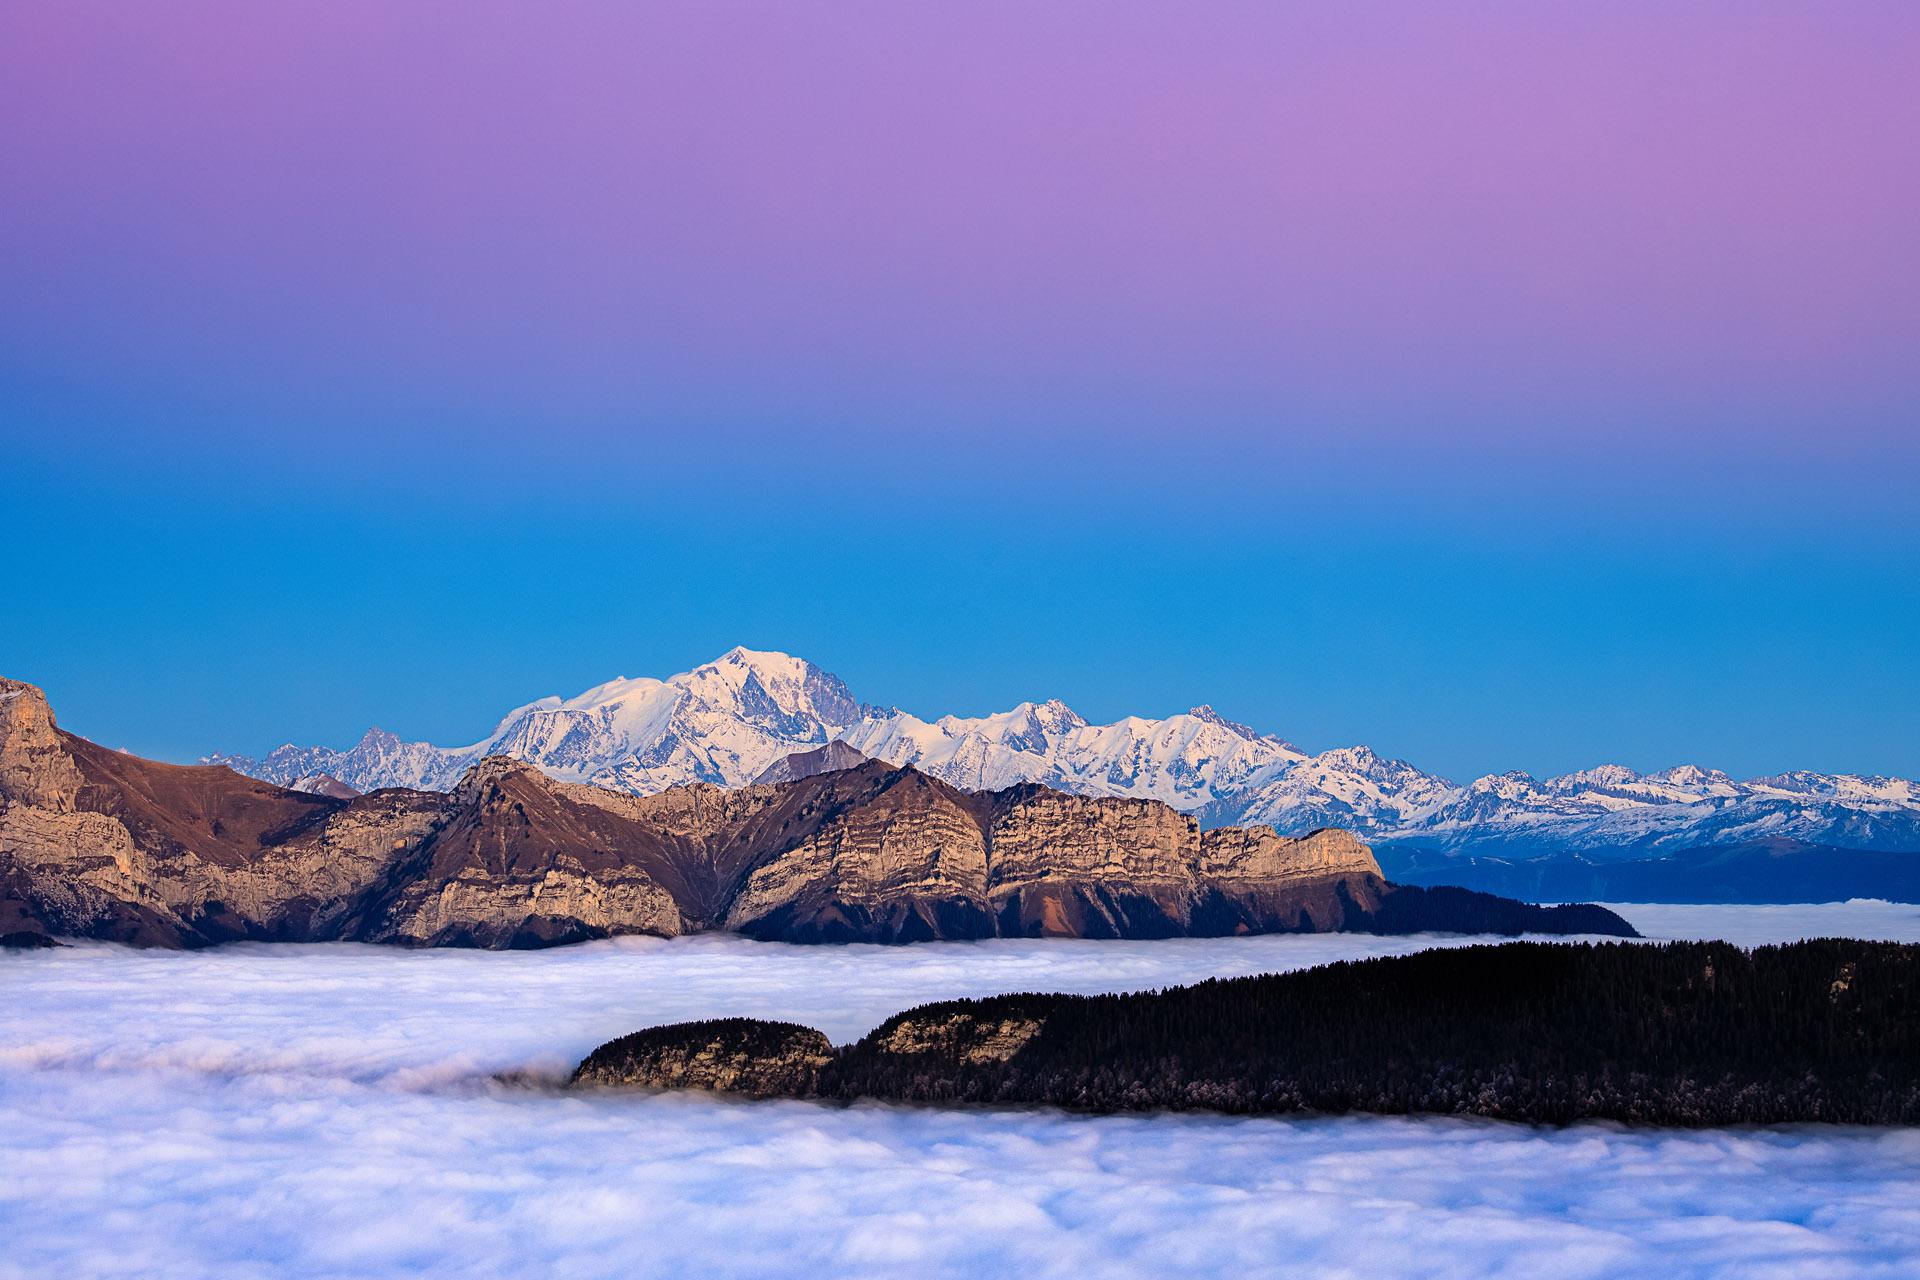 Mont blanc et mer de nuage. Stage photo Savoie Haute-Savoie